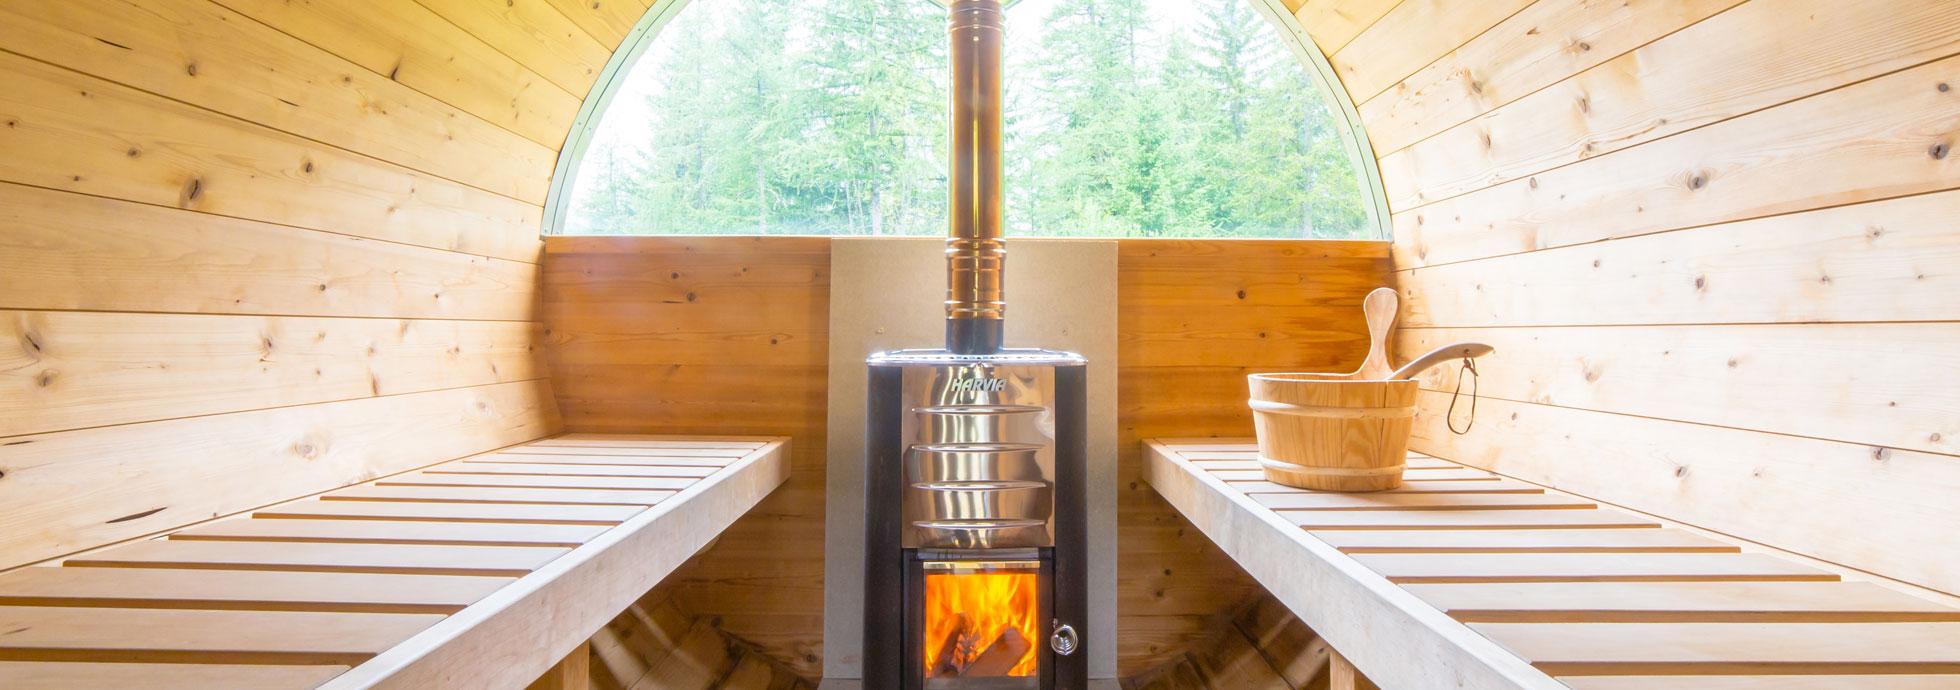 Camping Aiguille Noire - Sauna